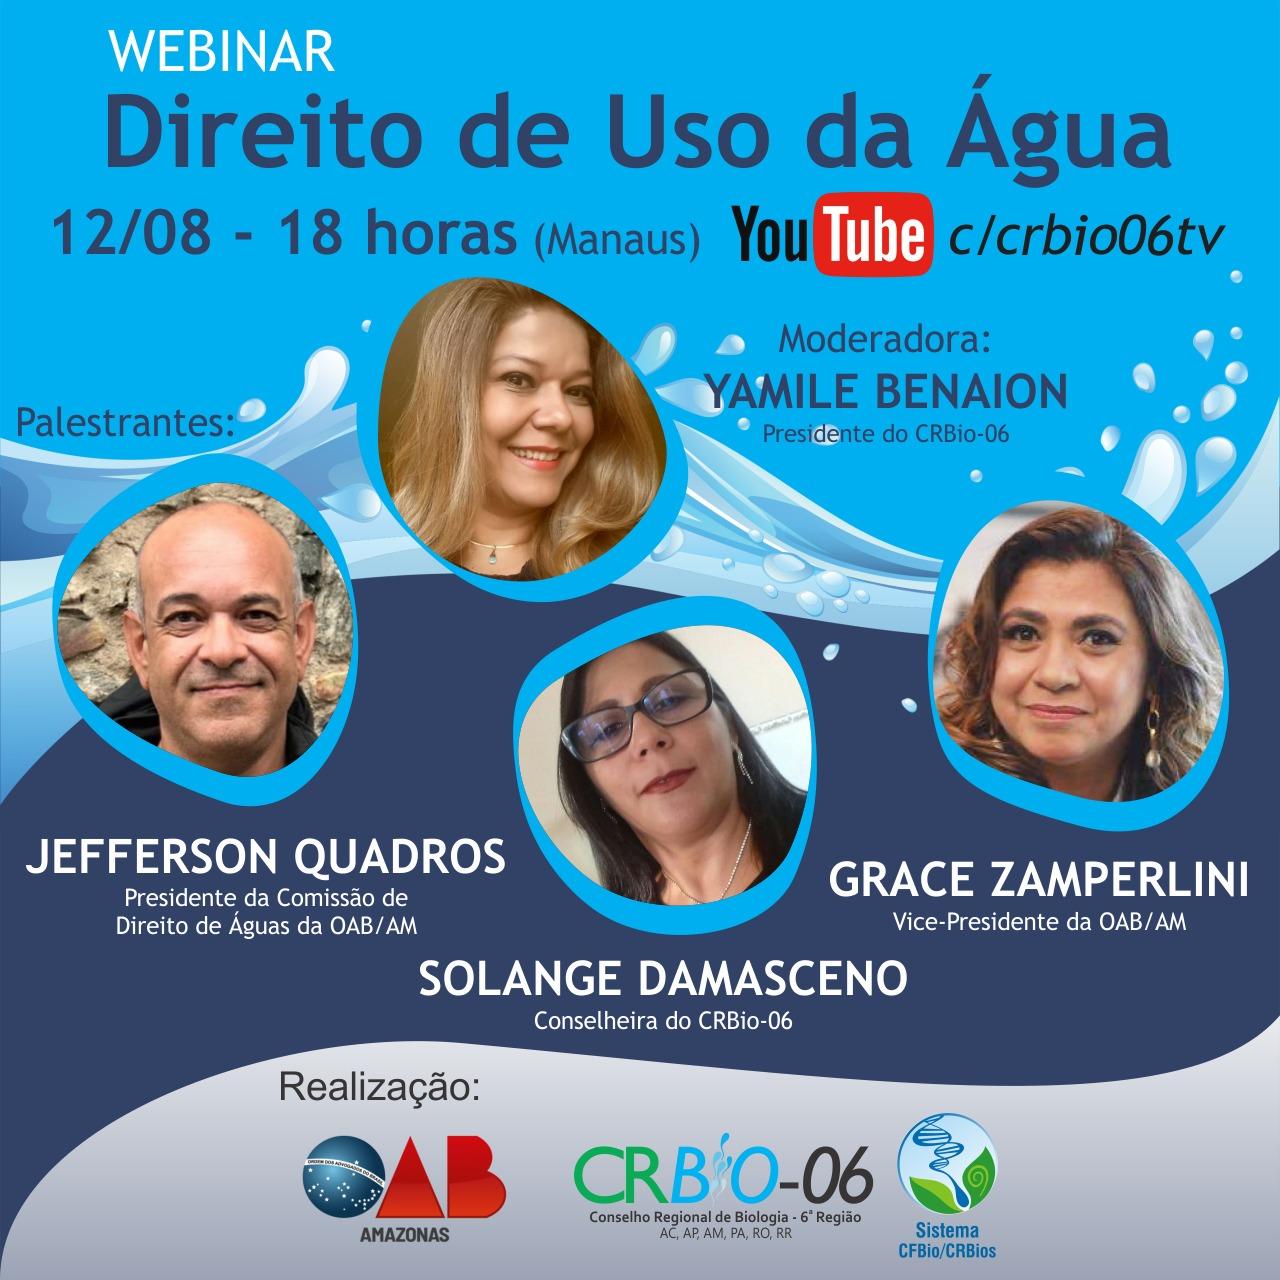 image for Webinar - Direito de uso de água